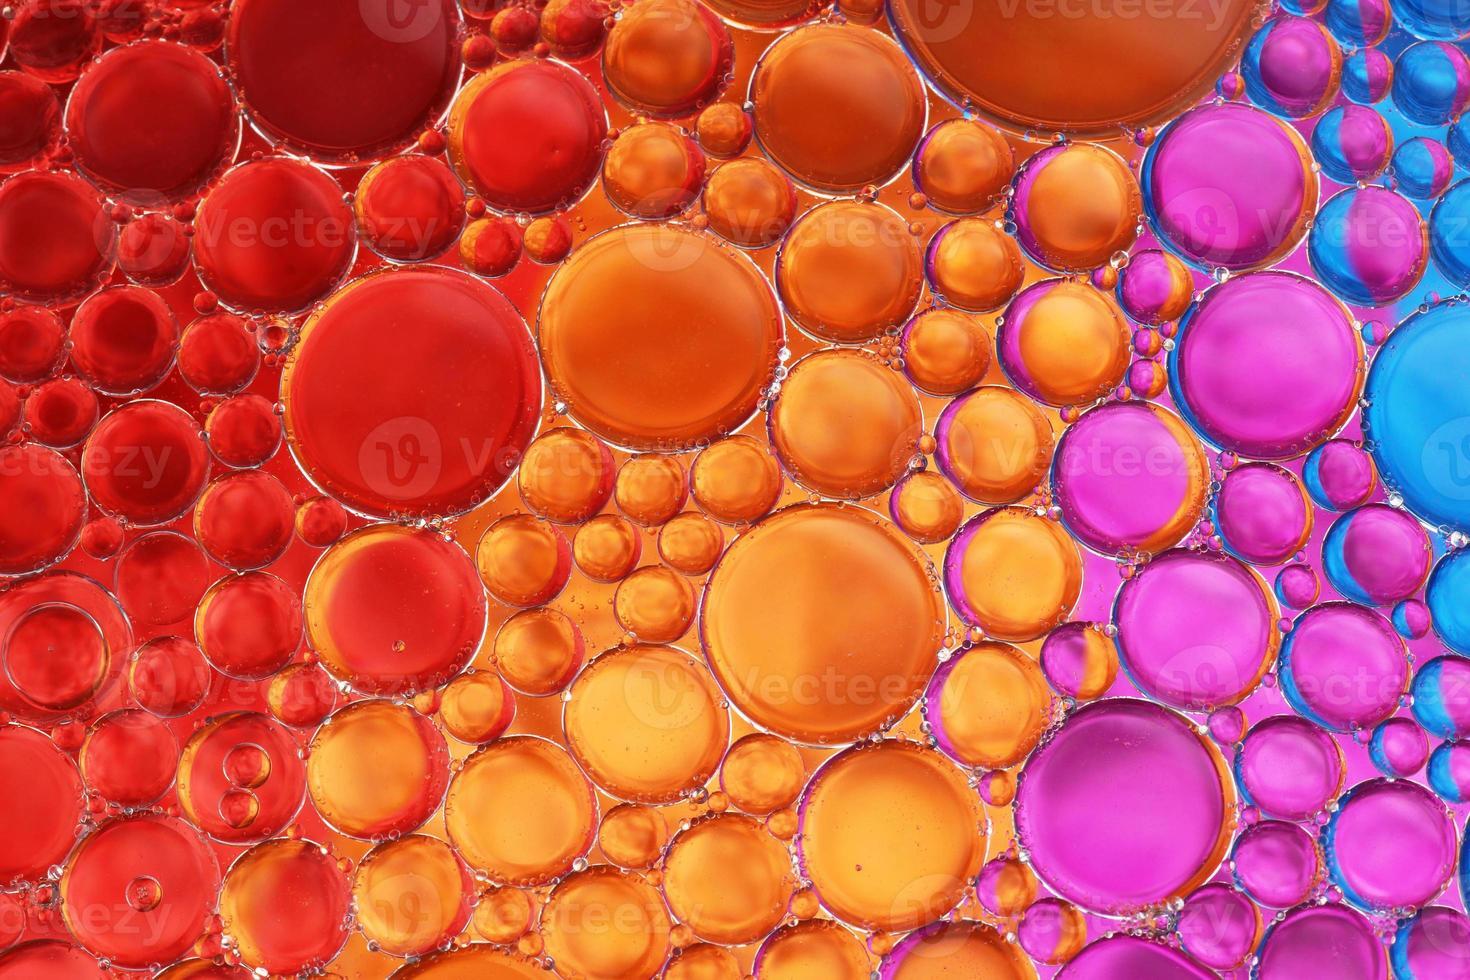 óleo e água sobre as cores 18 foto